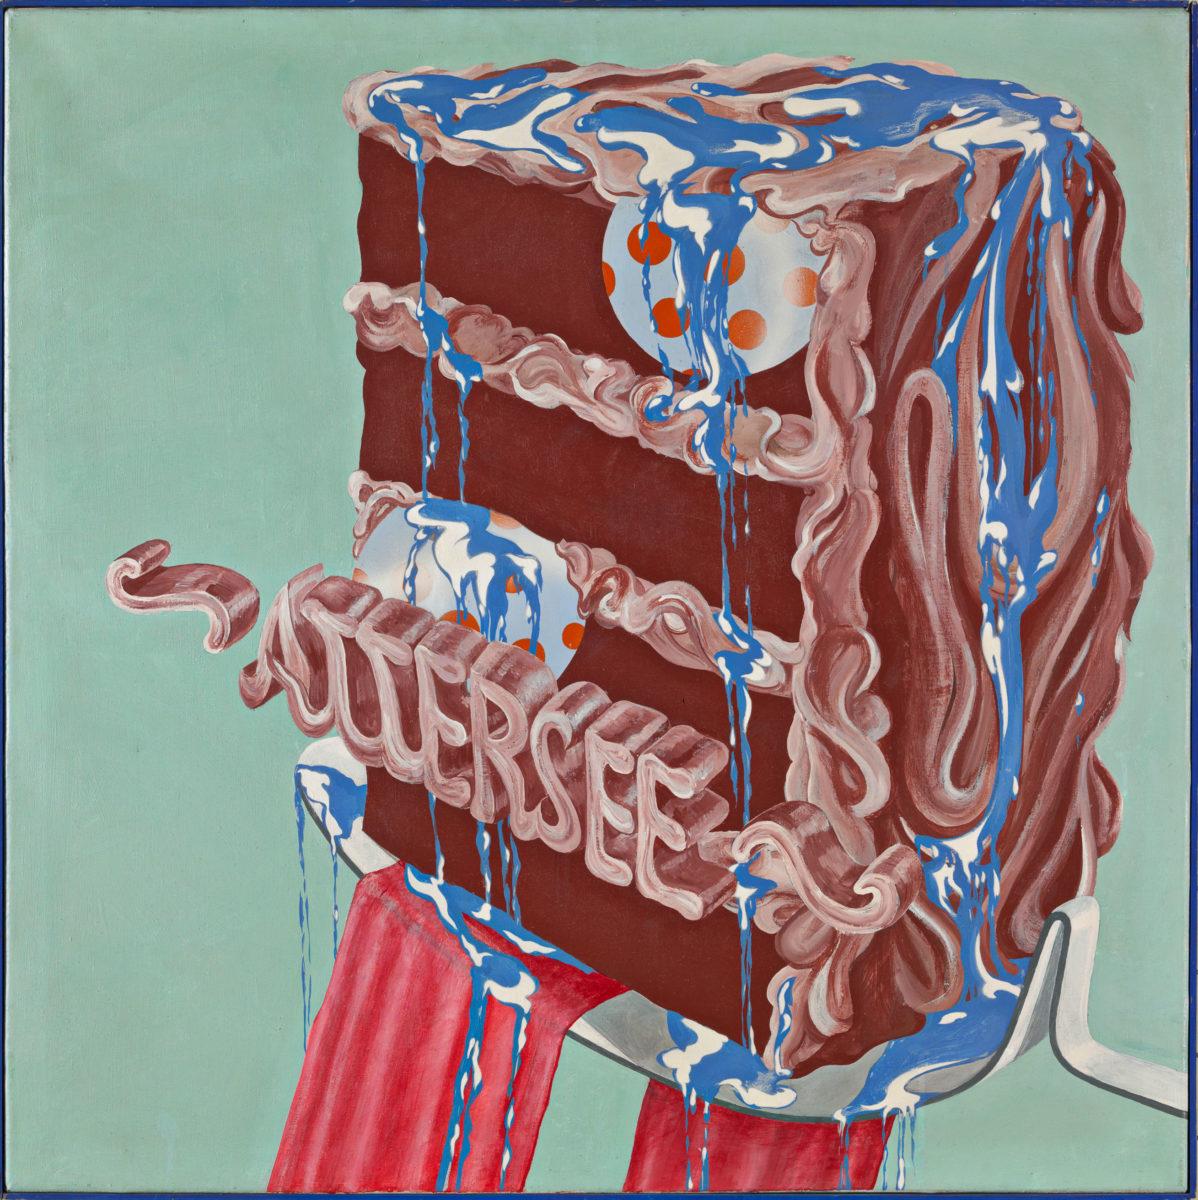 Christian Ludwig Attersee, Torte mit Speisekugeln und Speiseblau, 1967 ALBERTINA, Wien – Familiensammlung Haselsteiner © Bildrecht, Wien, 2020